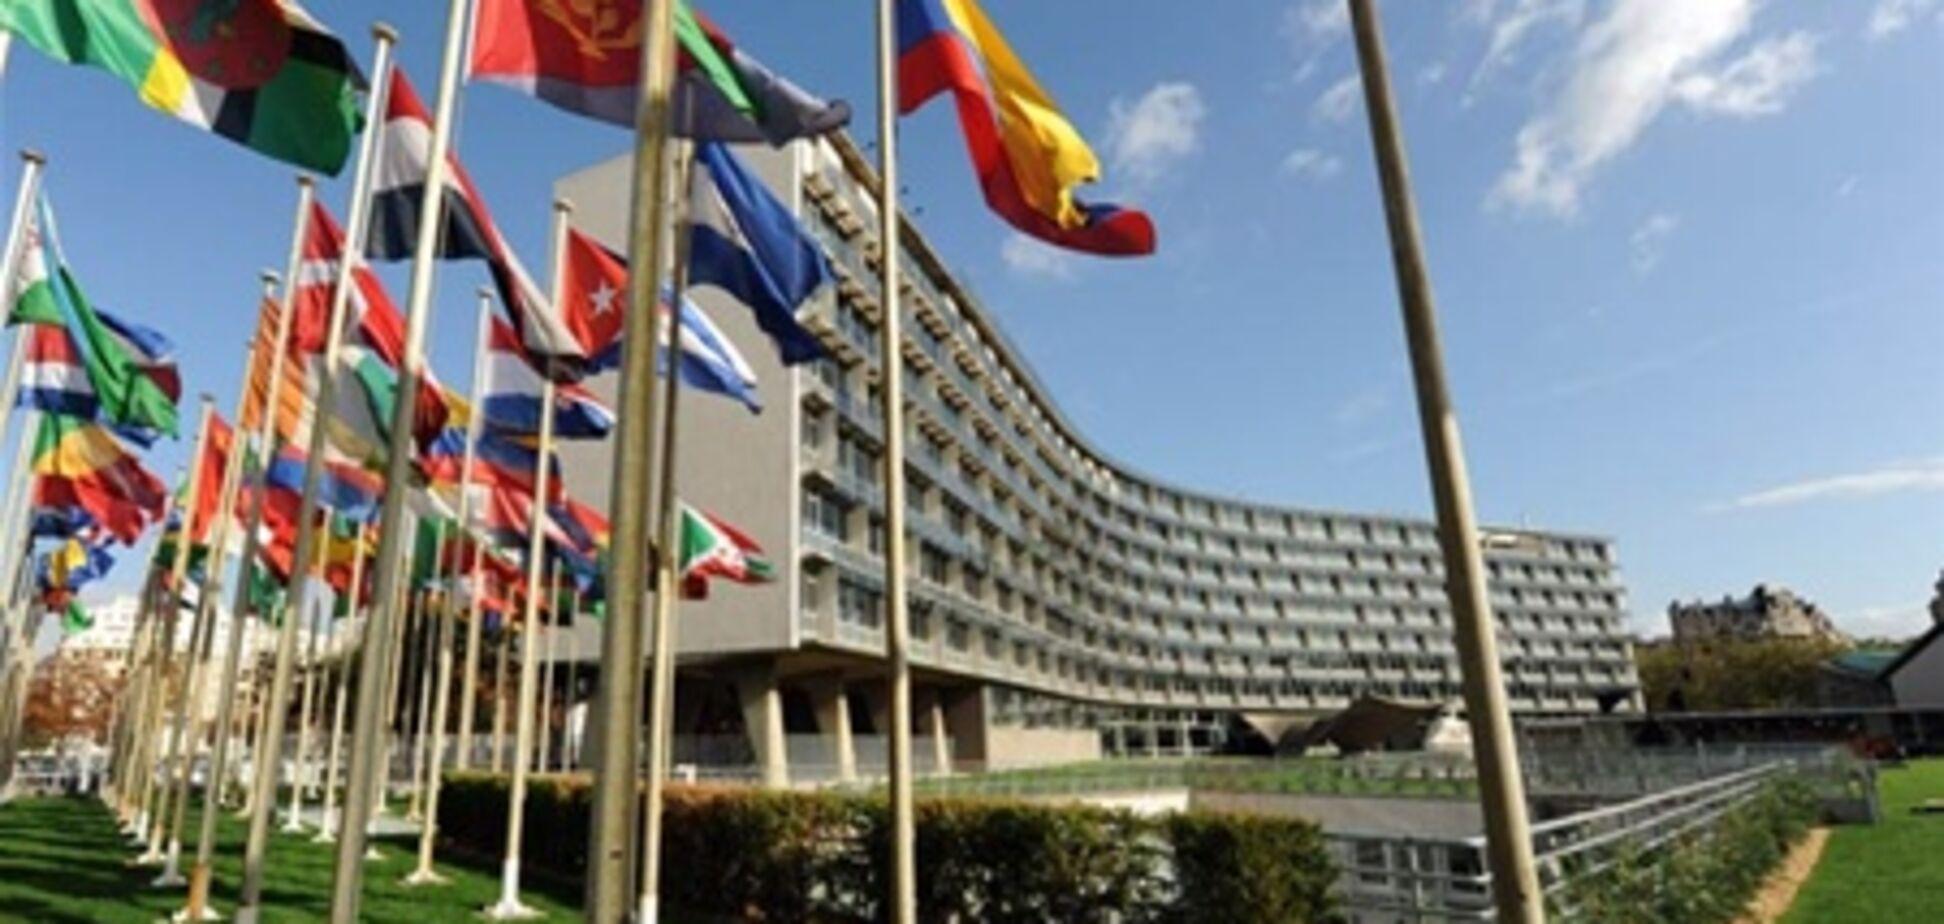 Палестинскую автономию приняли в ЮНЕСКО